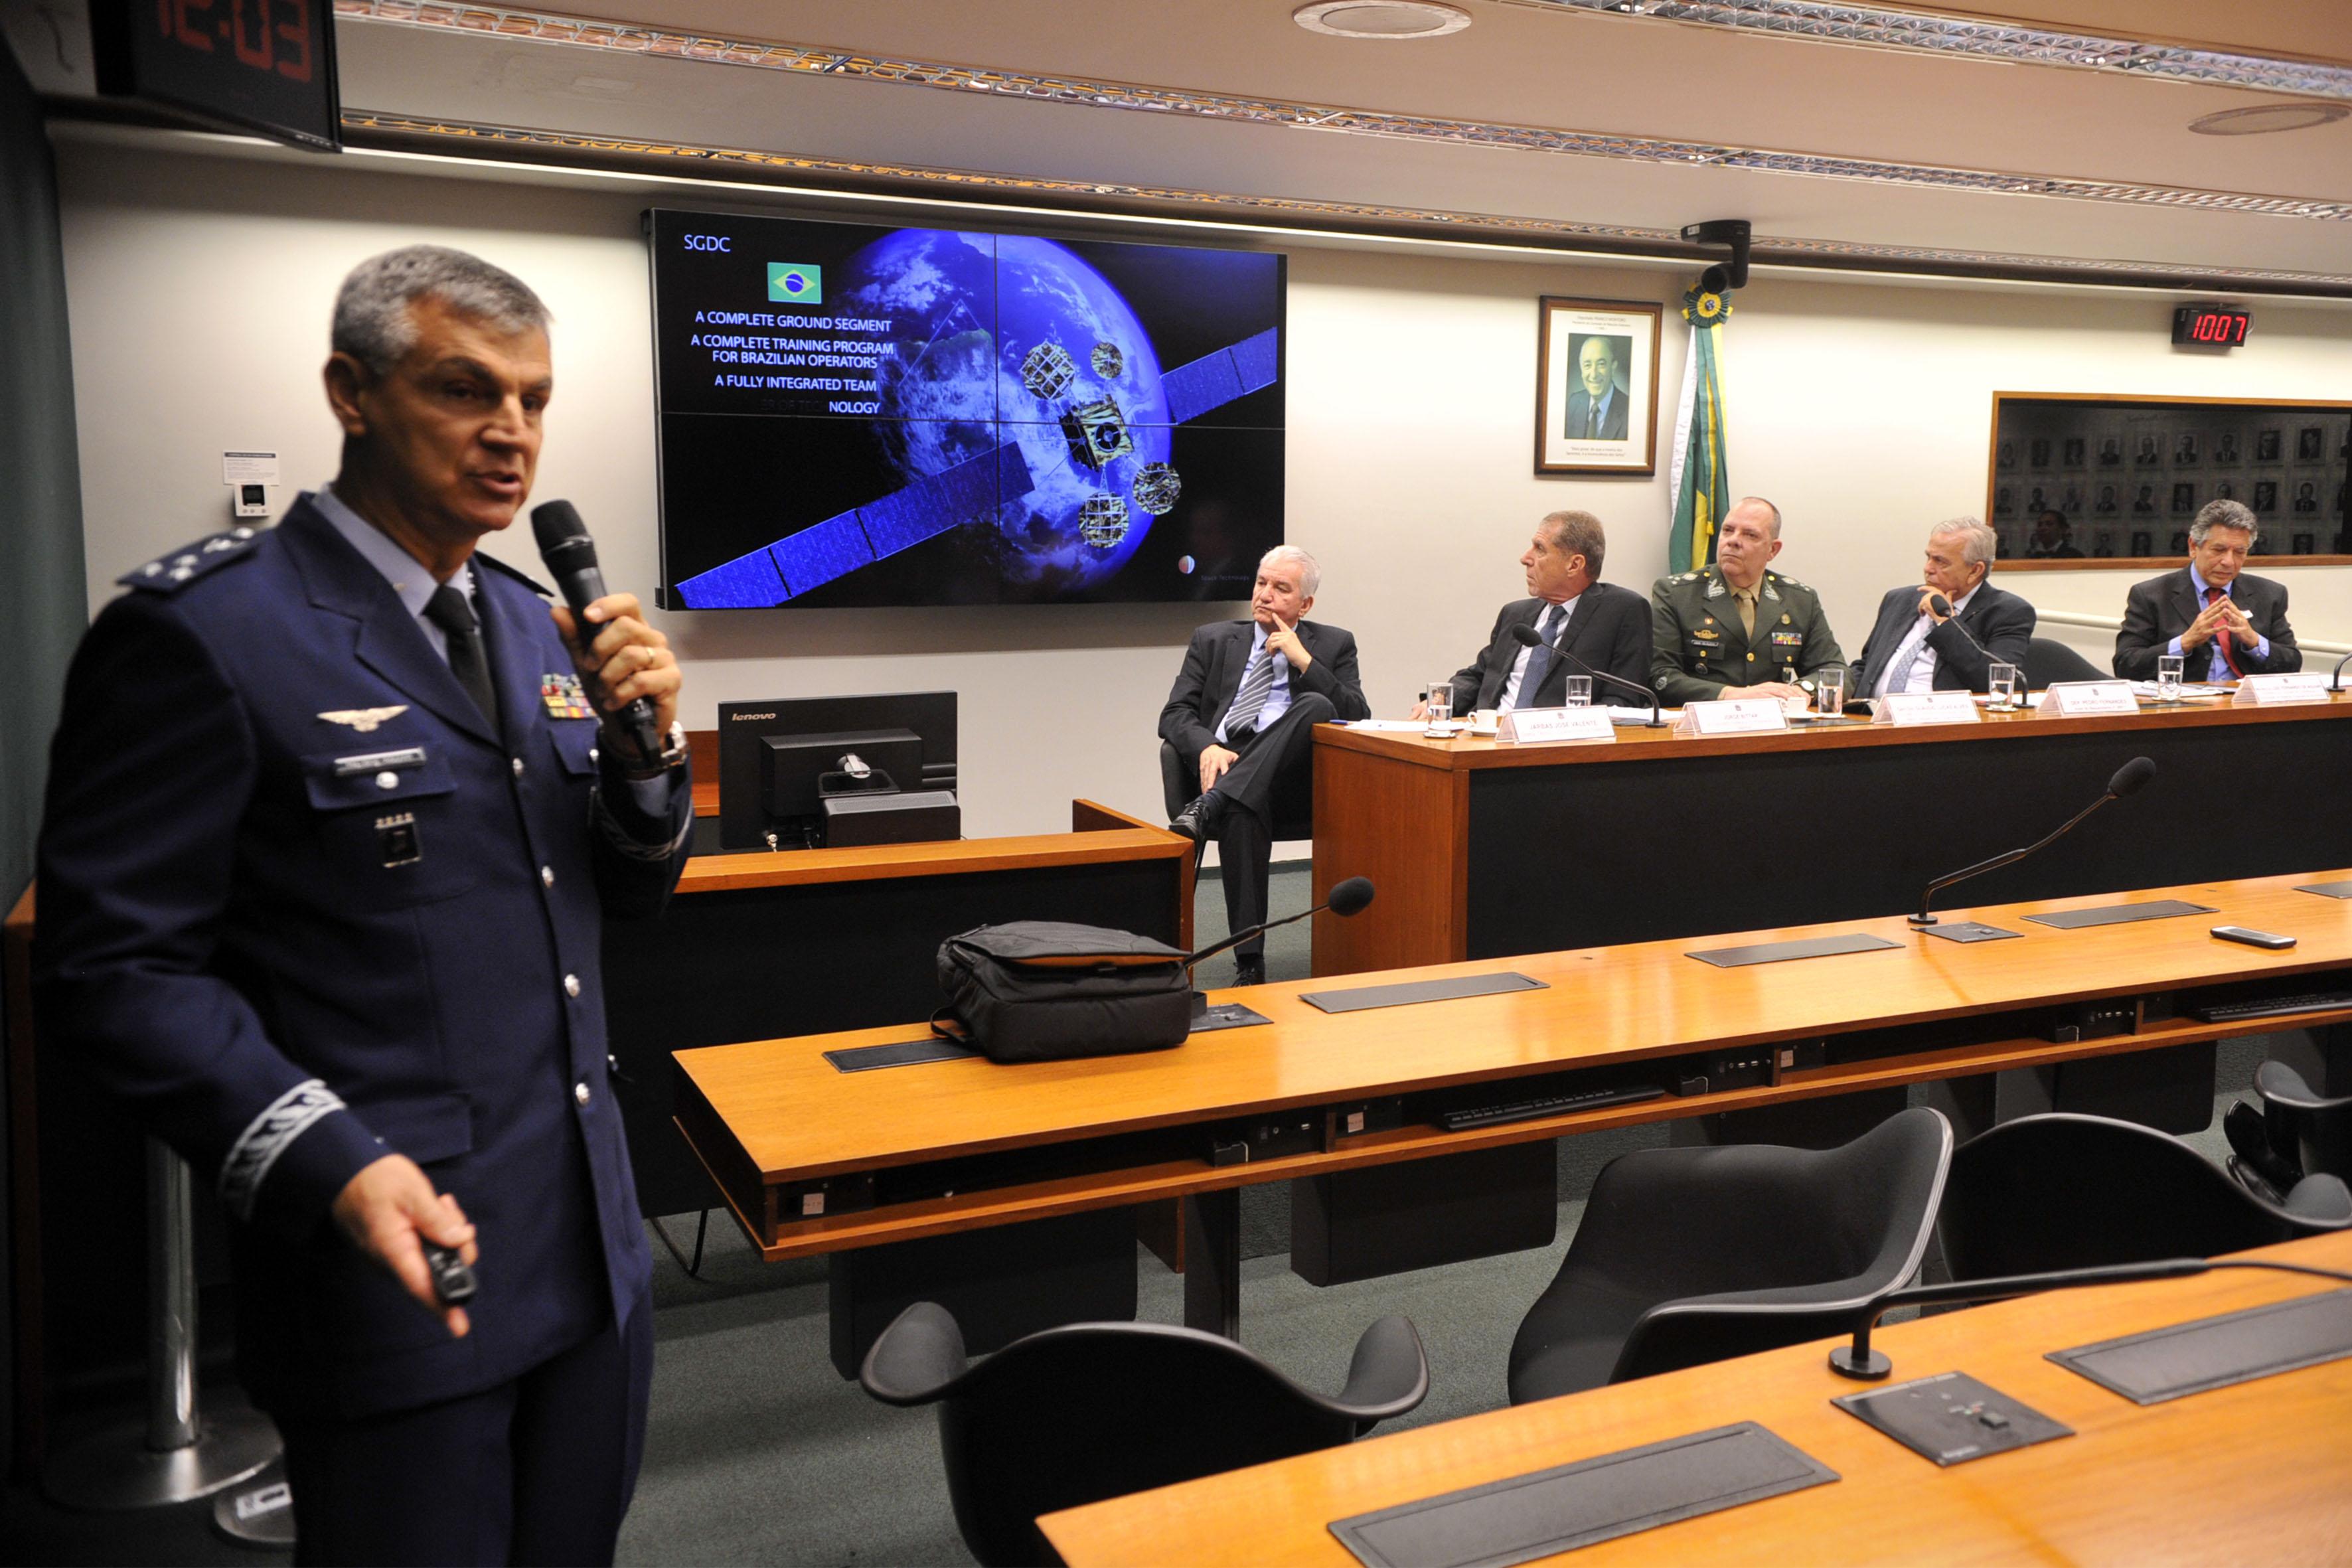 Debatedores questionam leilão para uso de satélite brasileiro e demora para início da operação